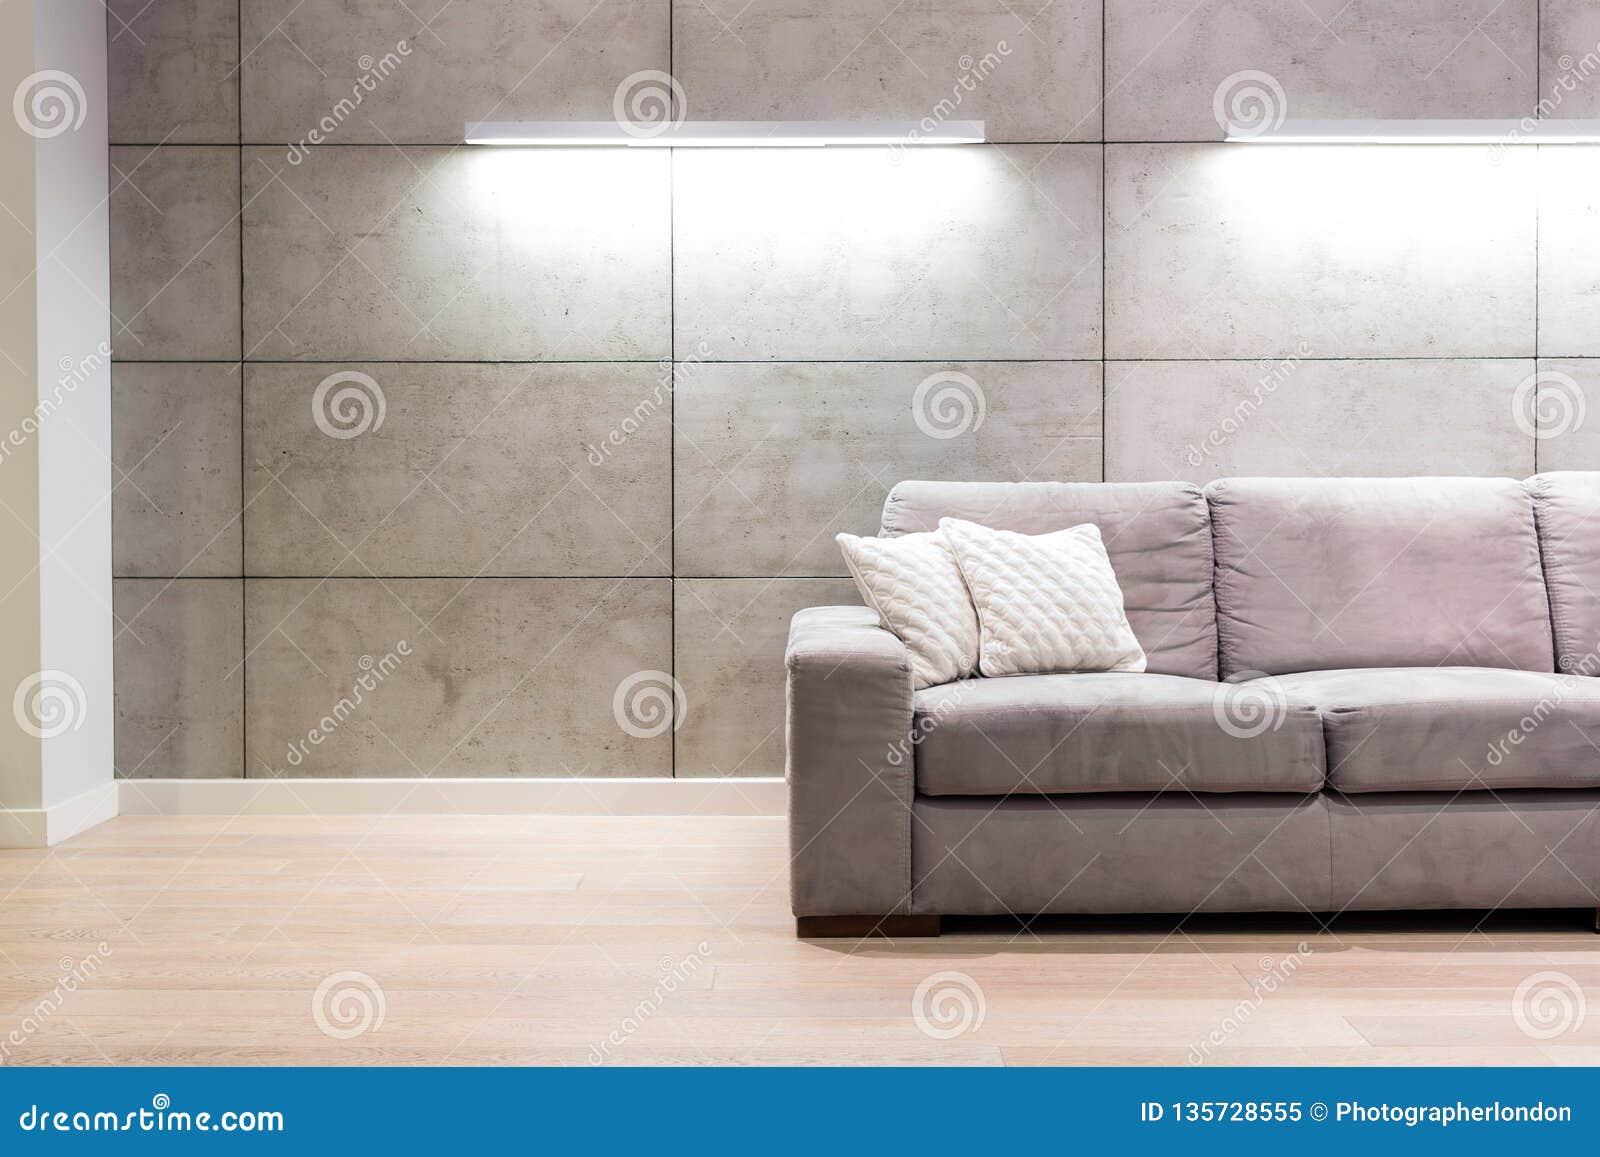 Κενός καναπές ενάντια στο φωτισμένο τοίχο στο διαμέρισμα